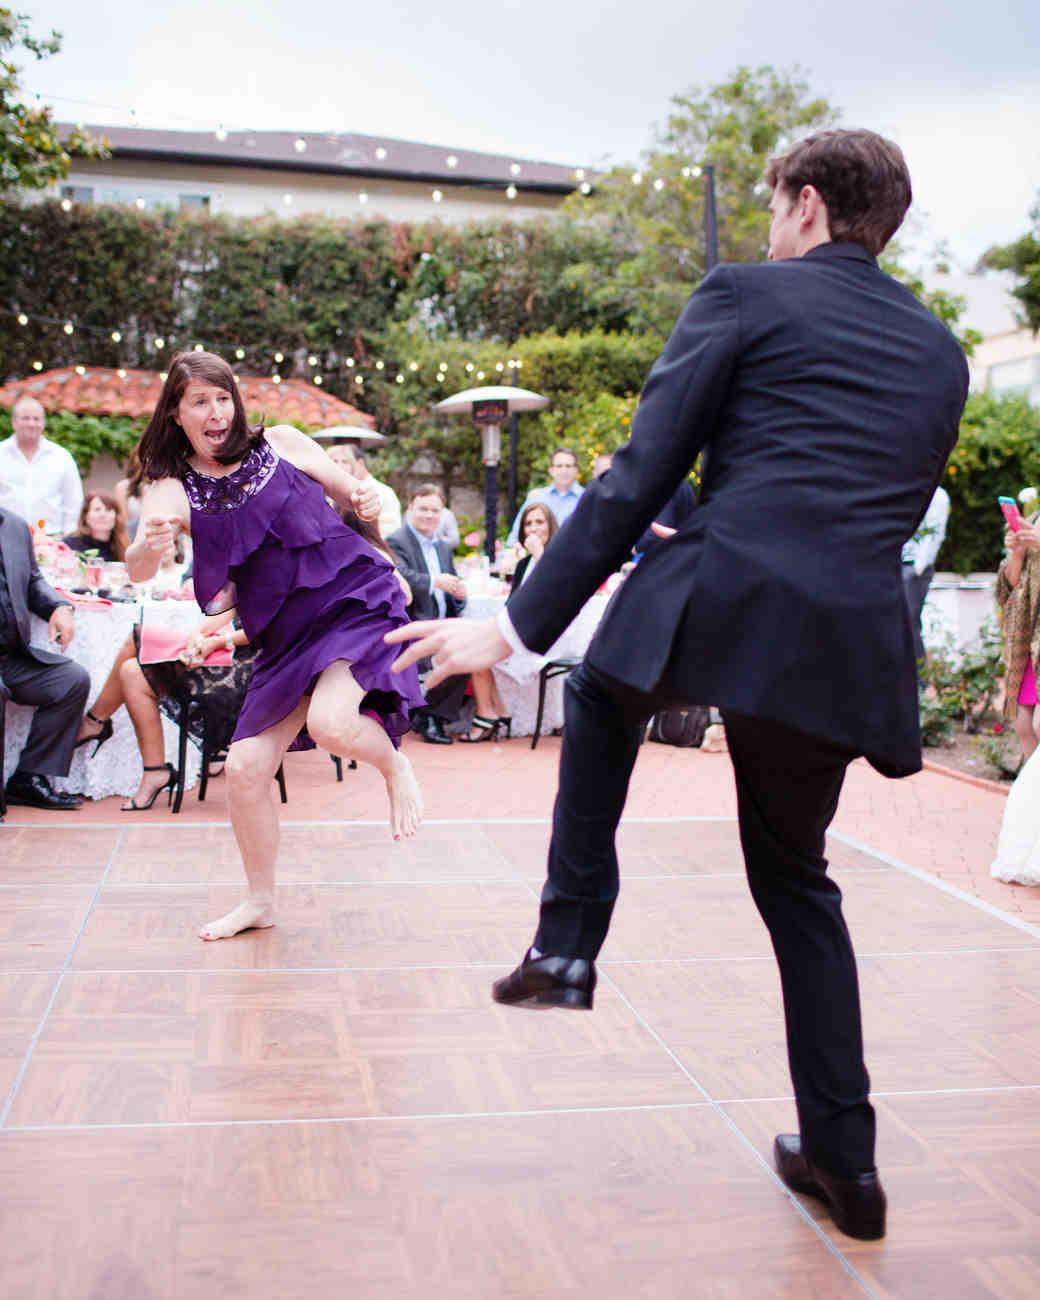 richelle-tom-wedding-mom-dance-858-s112855-0416.jpg